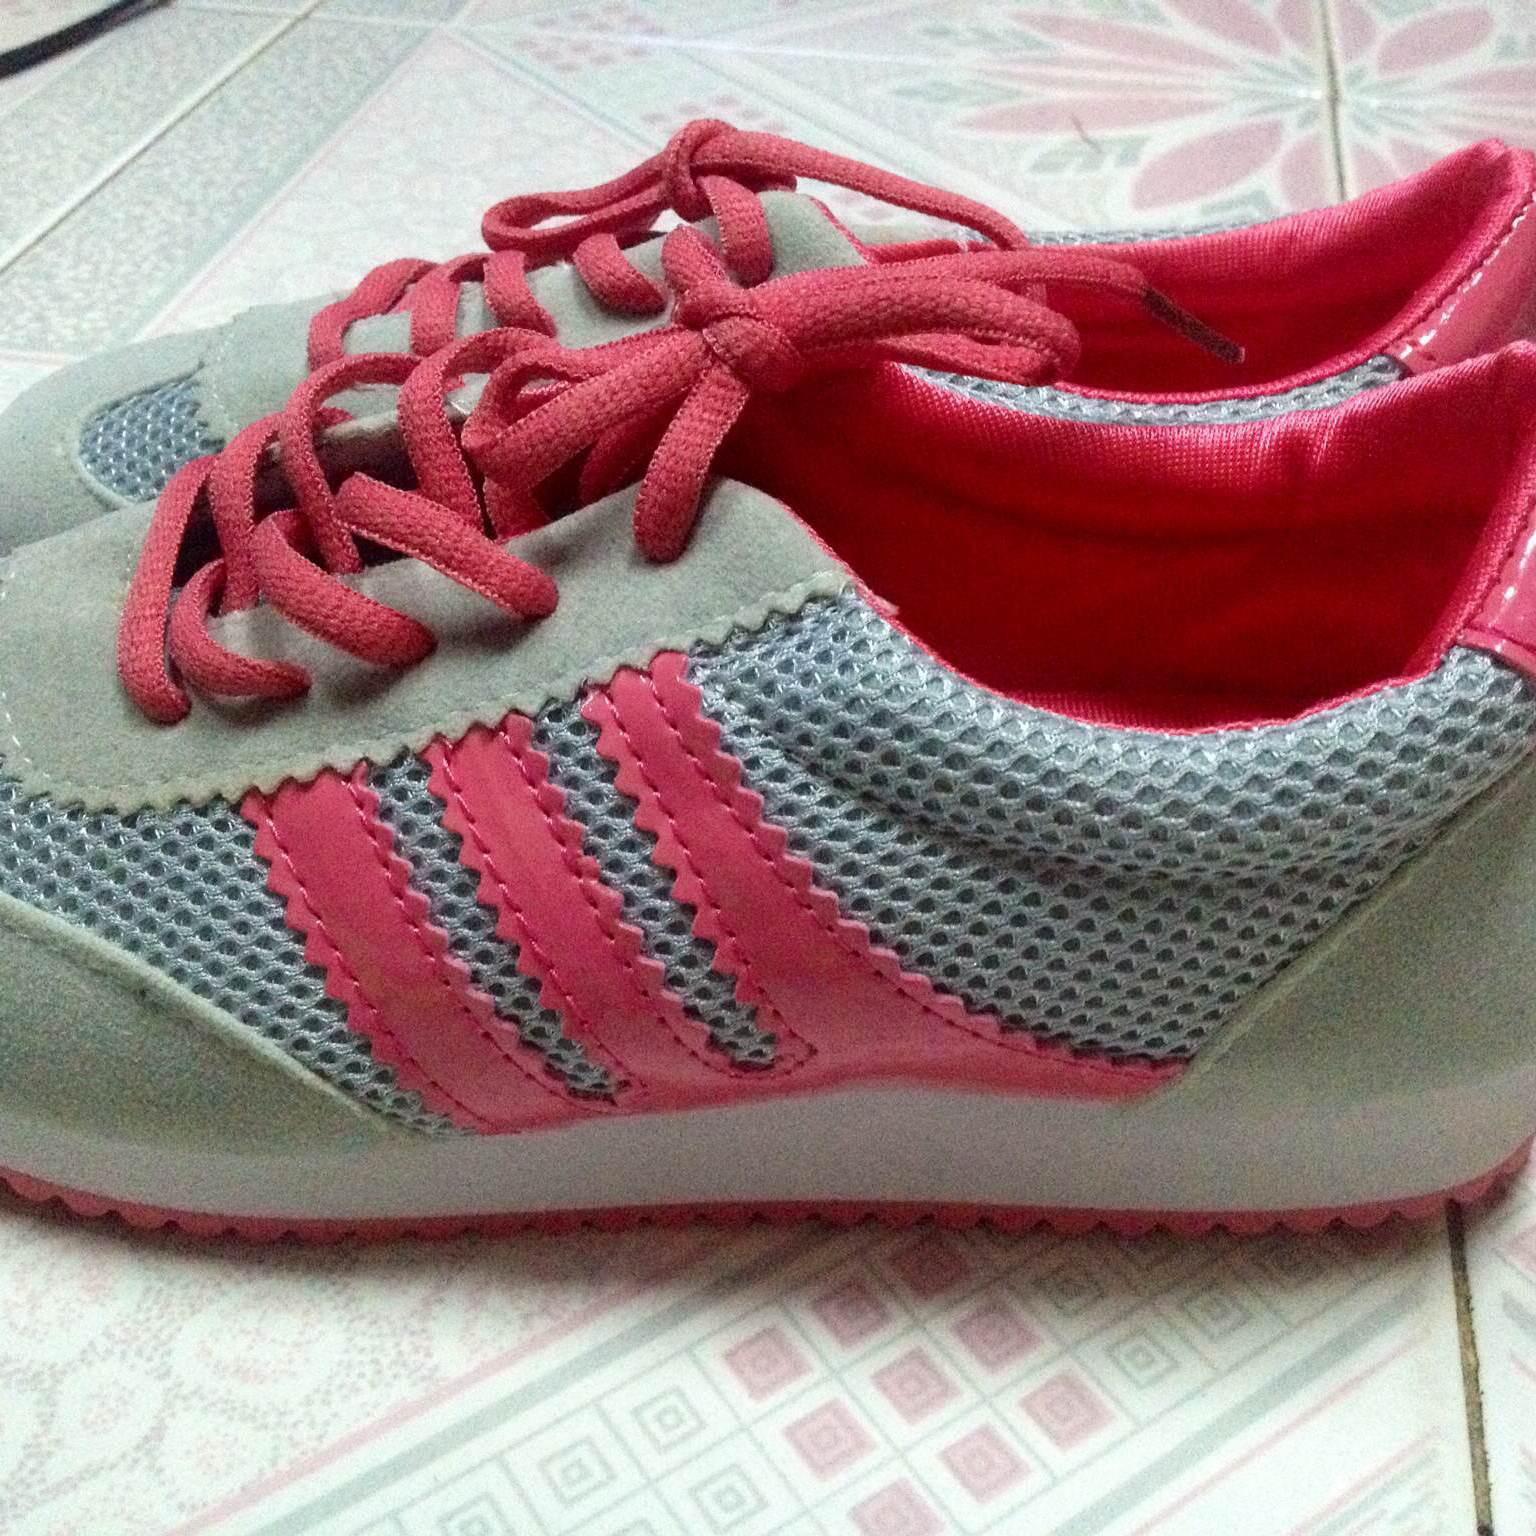 img1012 2jbq9tmfd5mc4 simg 44465b 1536 1536 255 0 cropf 1 vài lưu ý mỗi khi chọn lựa giày thể thao nam